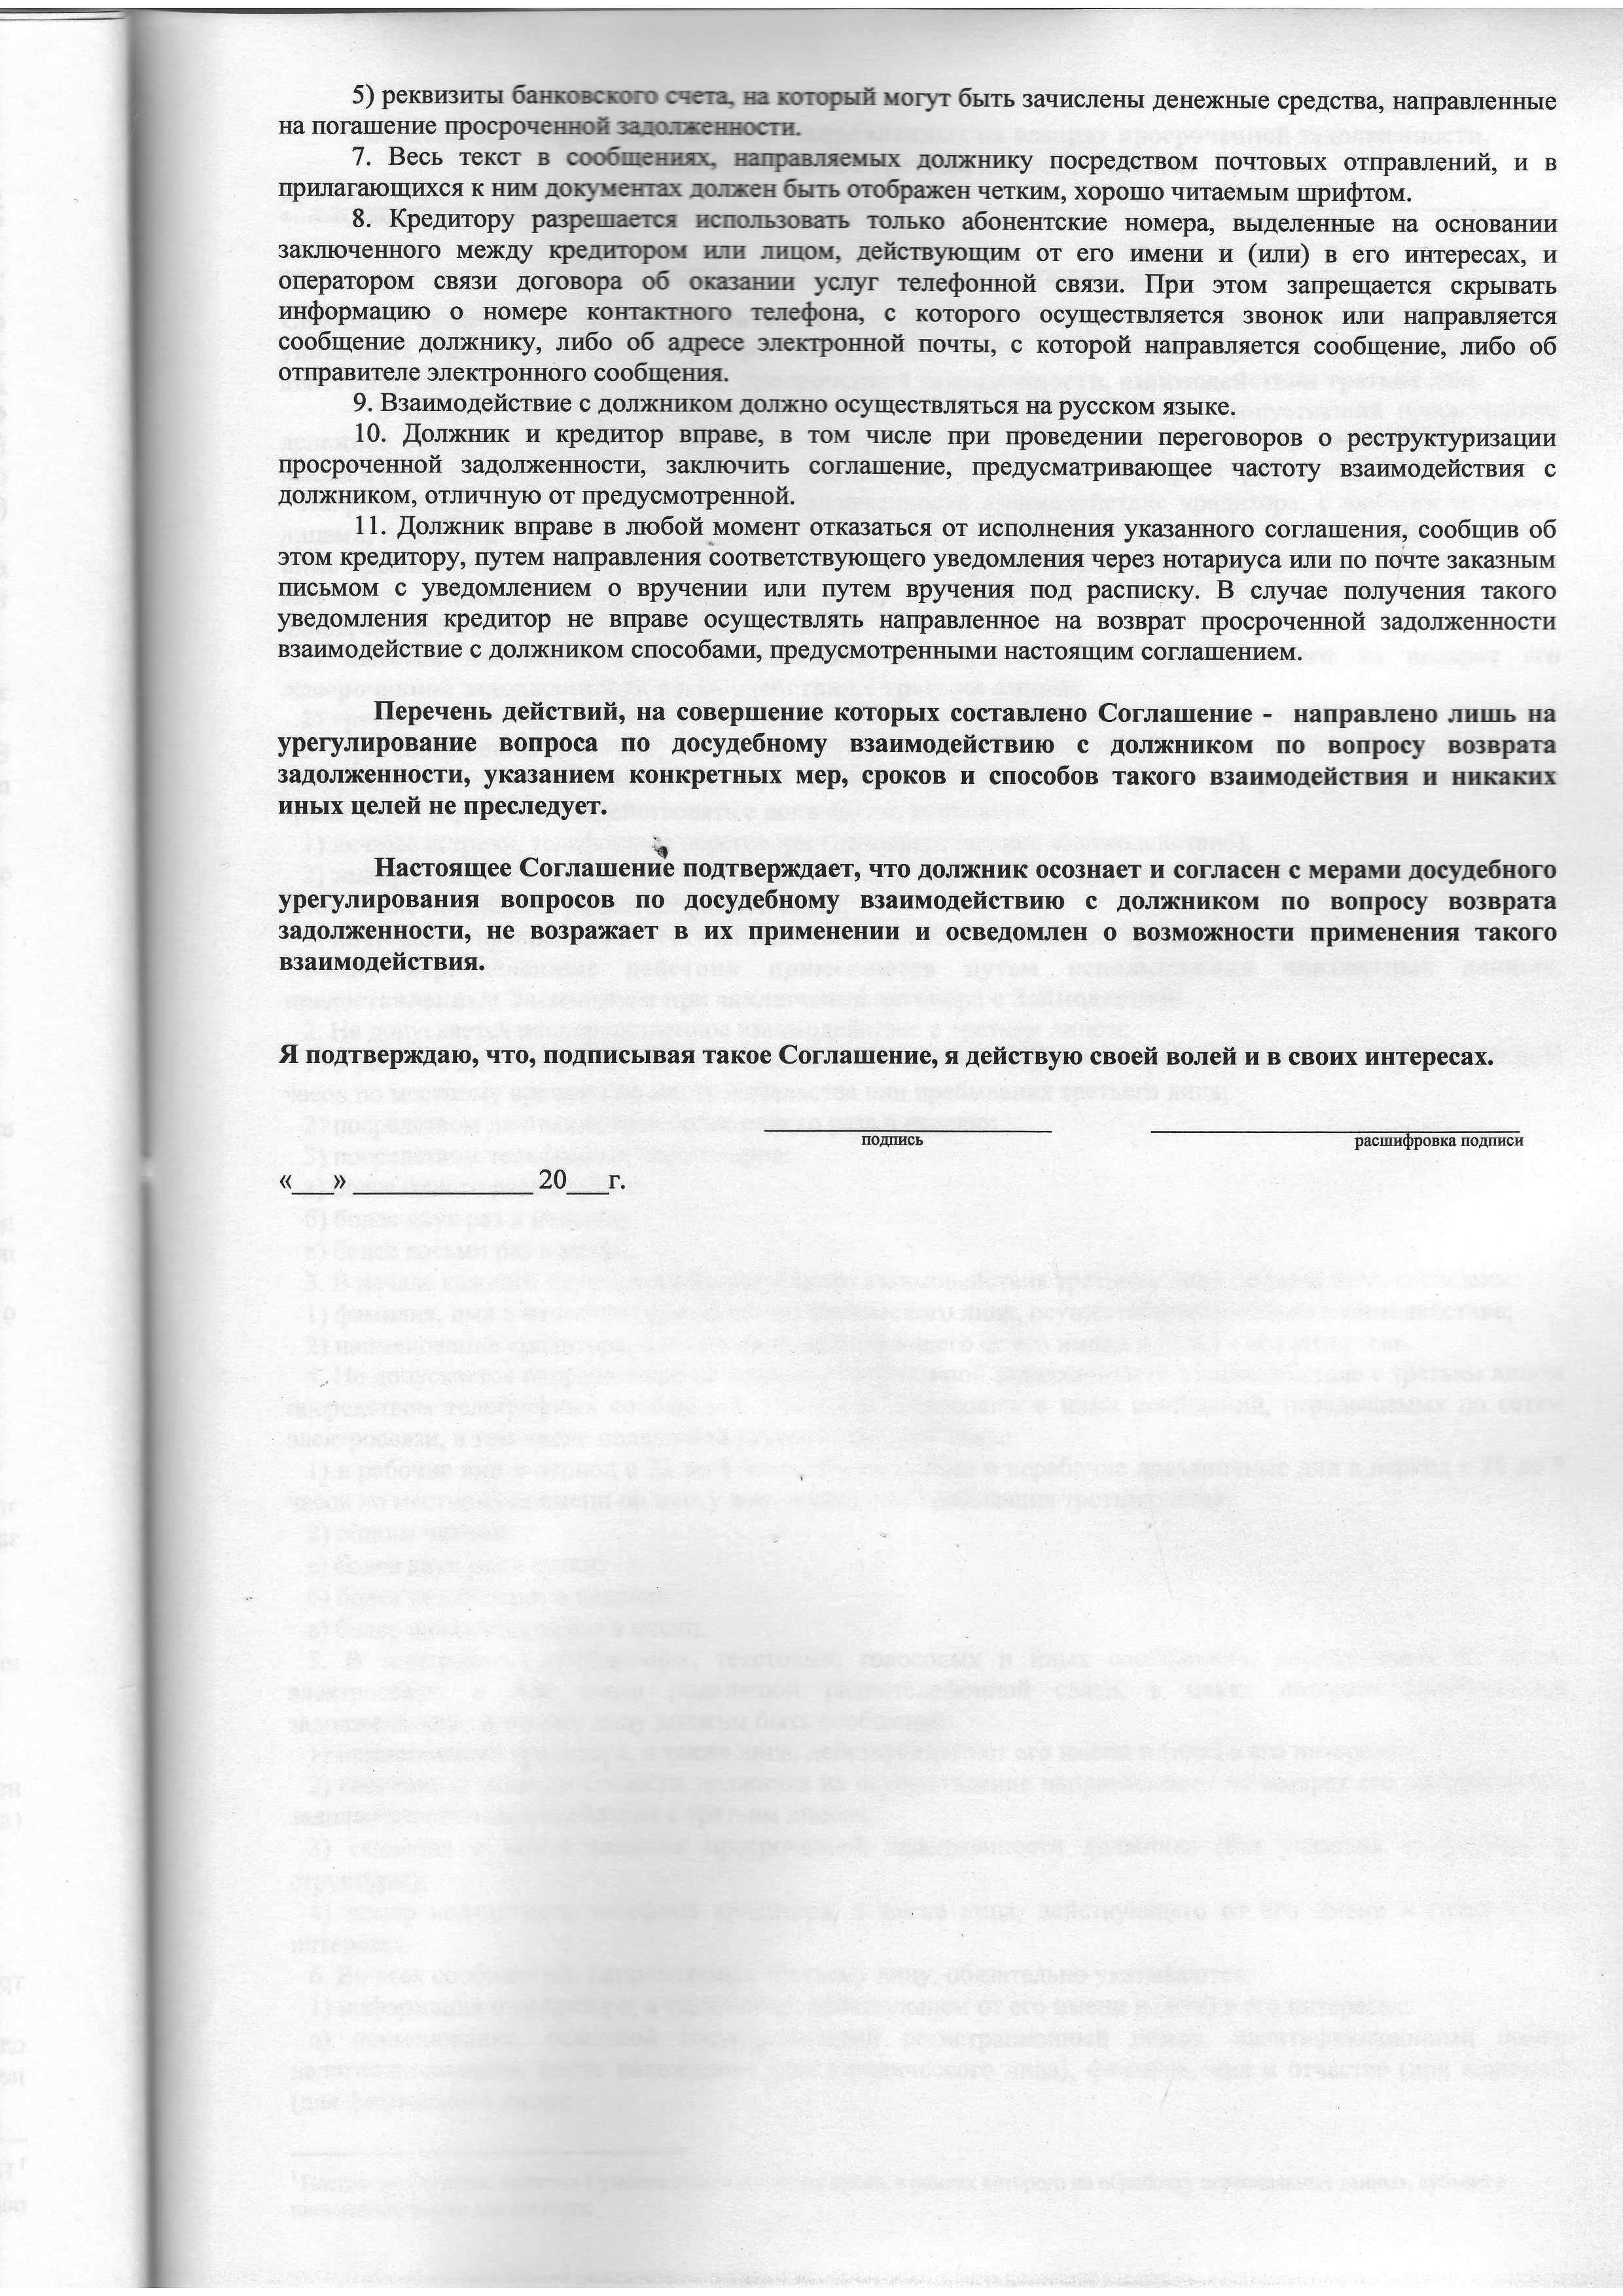 Правила предоставления займов_24_06_2018-17